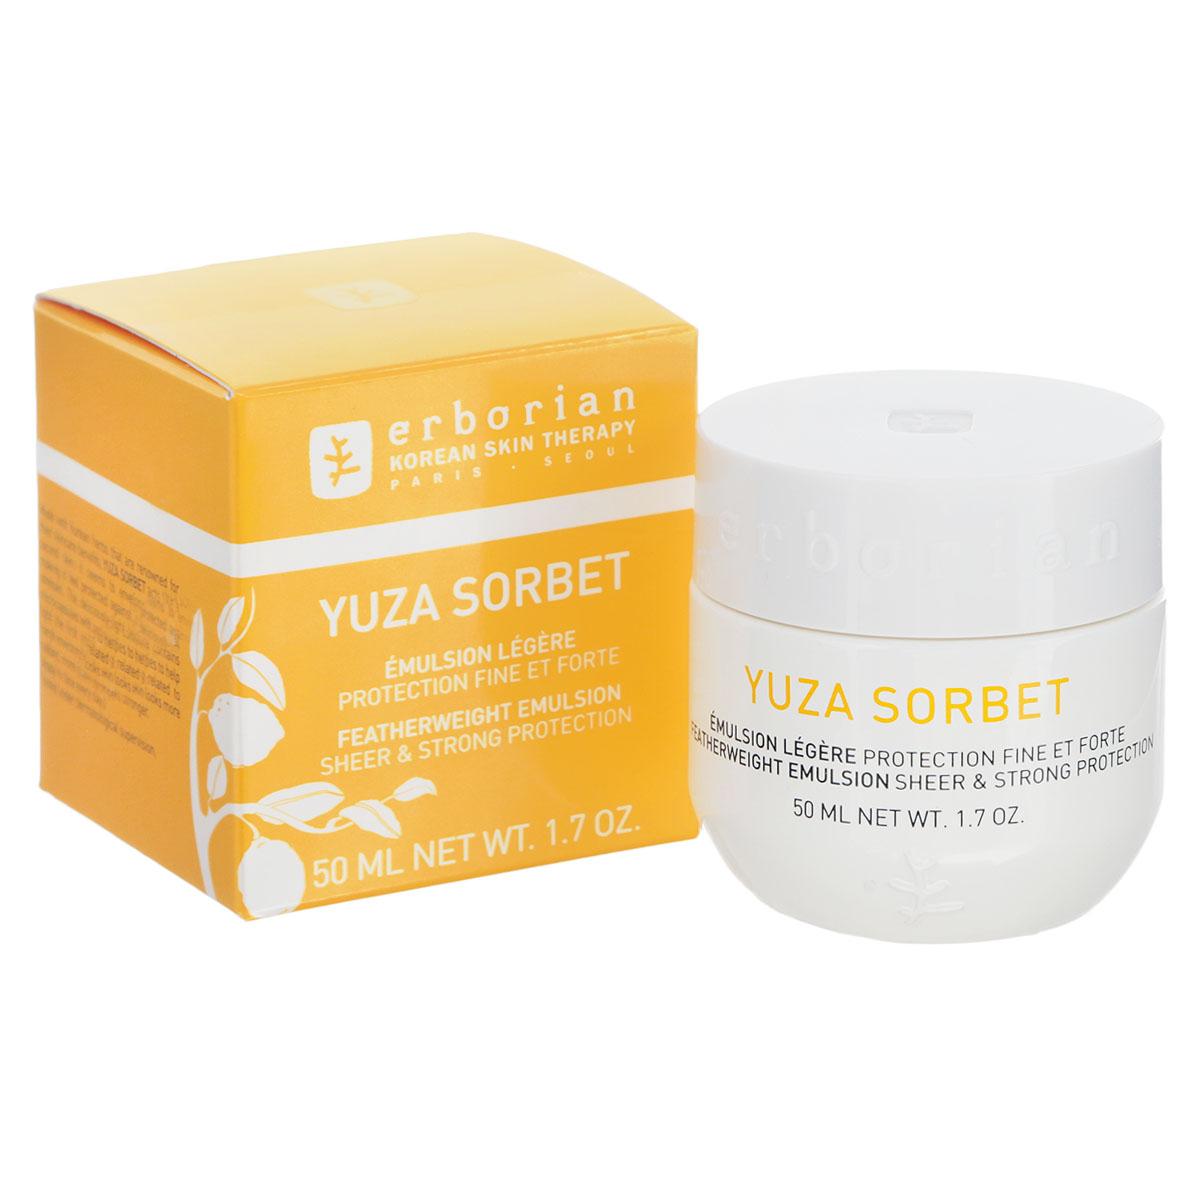 Erborian Дневной крем для лица Yuza Sorbet, увлажняющий, 50 мл783001_780246Восхитительный легкий и нежный дневной крем для лица Erborian Yuza Sorbet обеспечивает интенсивное увлажнение и создает эффект второй кожи, защищая кожу от негативного воздействия окружающей среды. Ключевые преимущества:- Устраняет самые первые признаки старения кожи,- Возрождает и увлажняет кожу, наполняя ее жизненной энергией,- Делает кожу сияющей, а ее цвет ярким,- Богат витамином С, борется с усталостью кожи, - Лакрица - сверхмощный антиоксидант,- Зеленая слива активирует микроциркуляцию, выводит токсины и стимулирует обновление клеток.Товар сертифицирован.